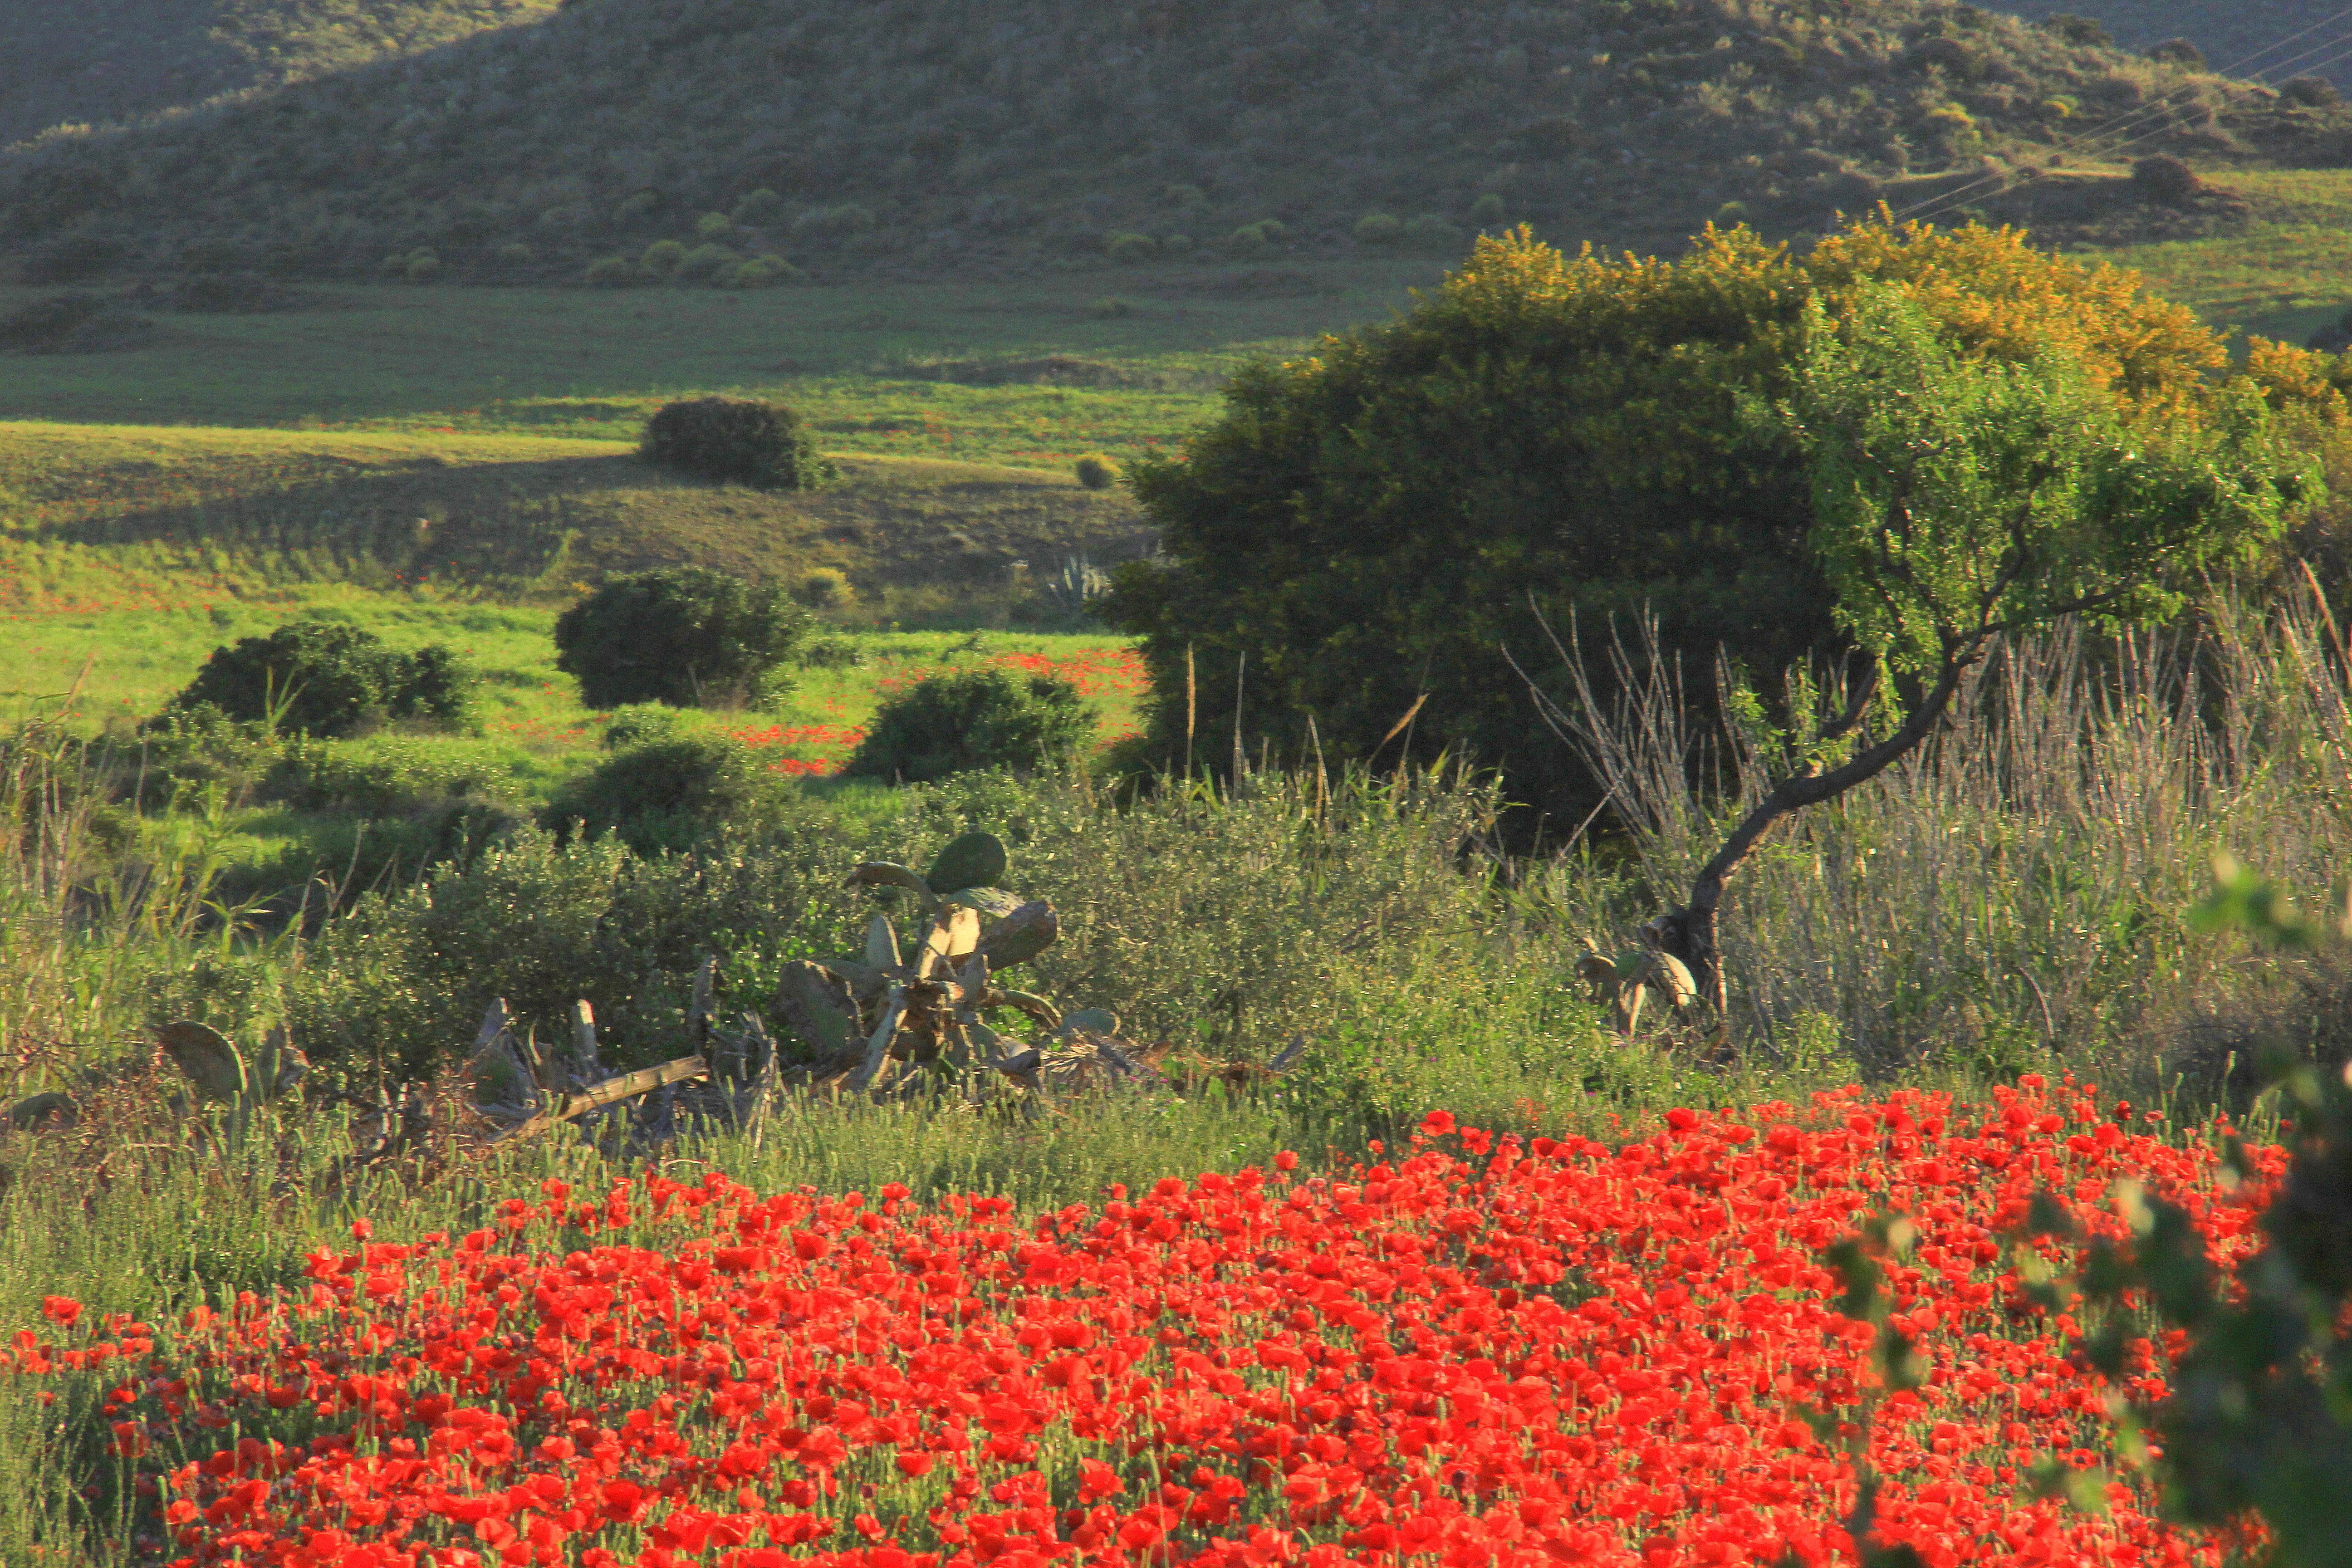 poppy fields on the way to almeria